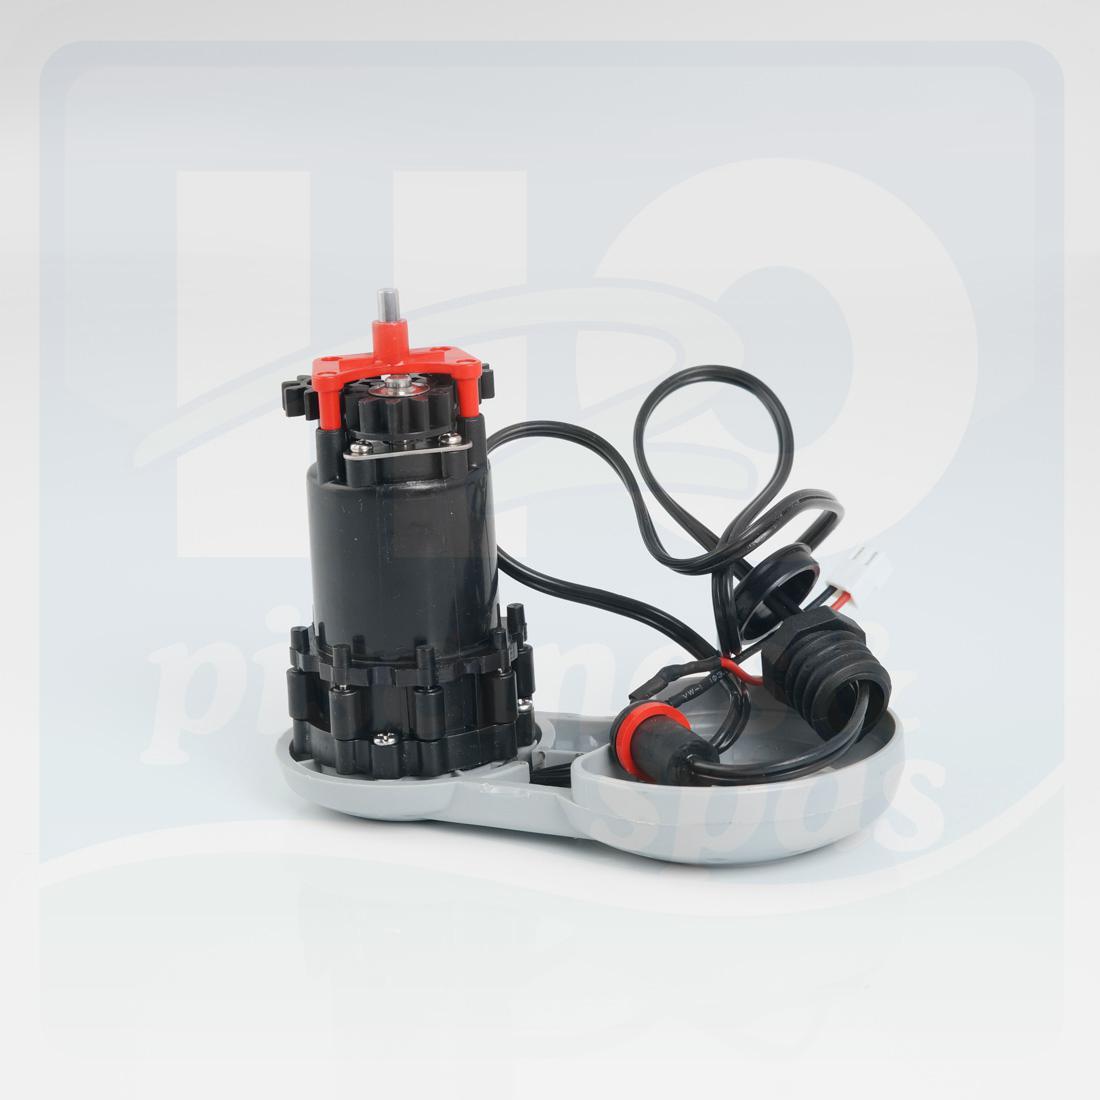 Moteur de traction du robot smartpool nitro h2o piscines for Robot piscine nitro